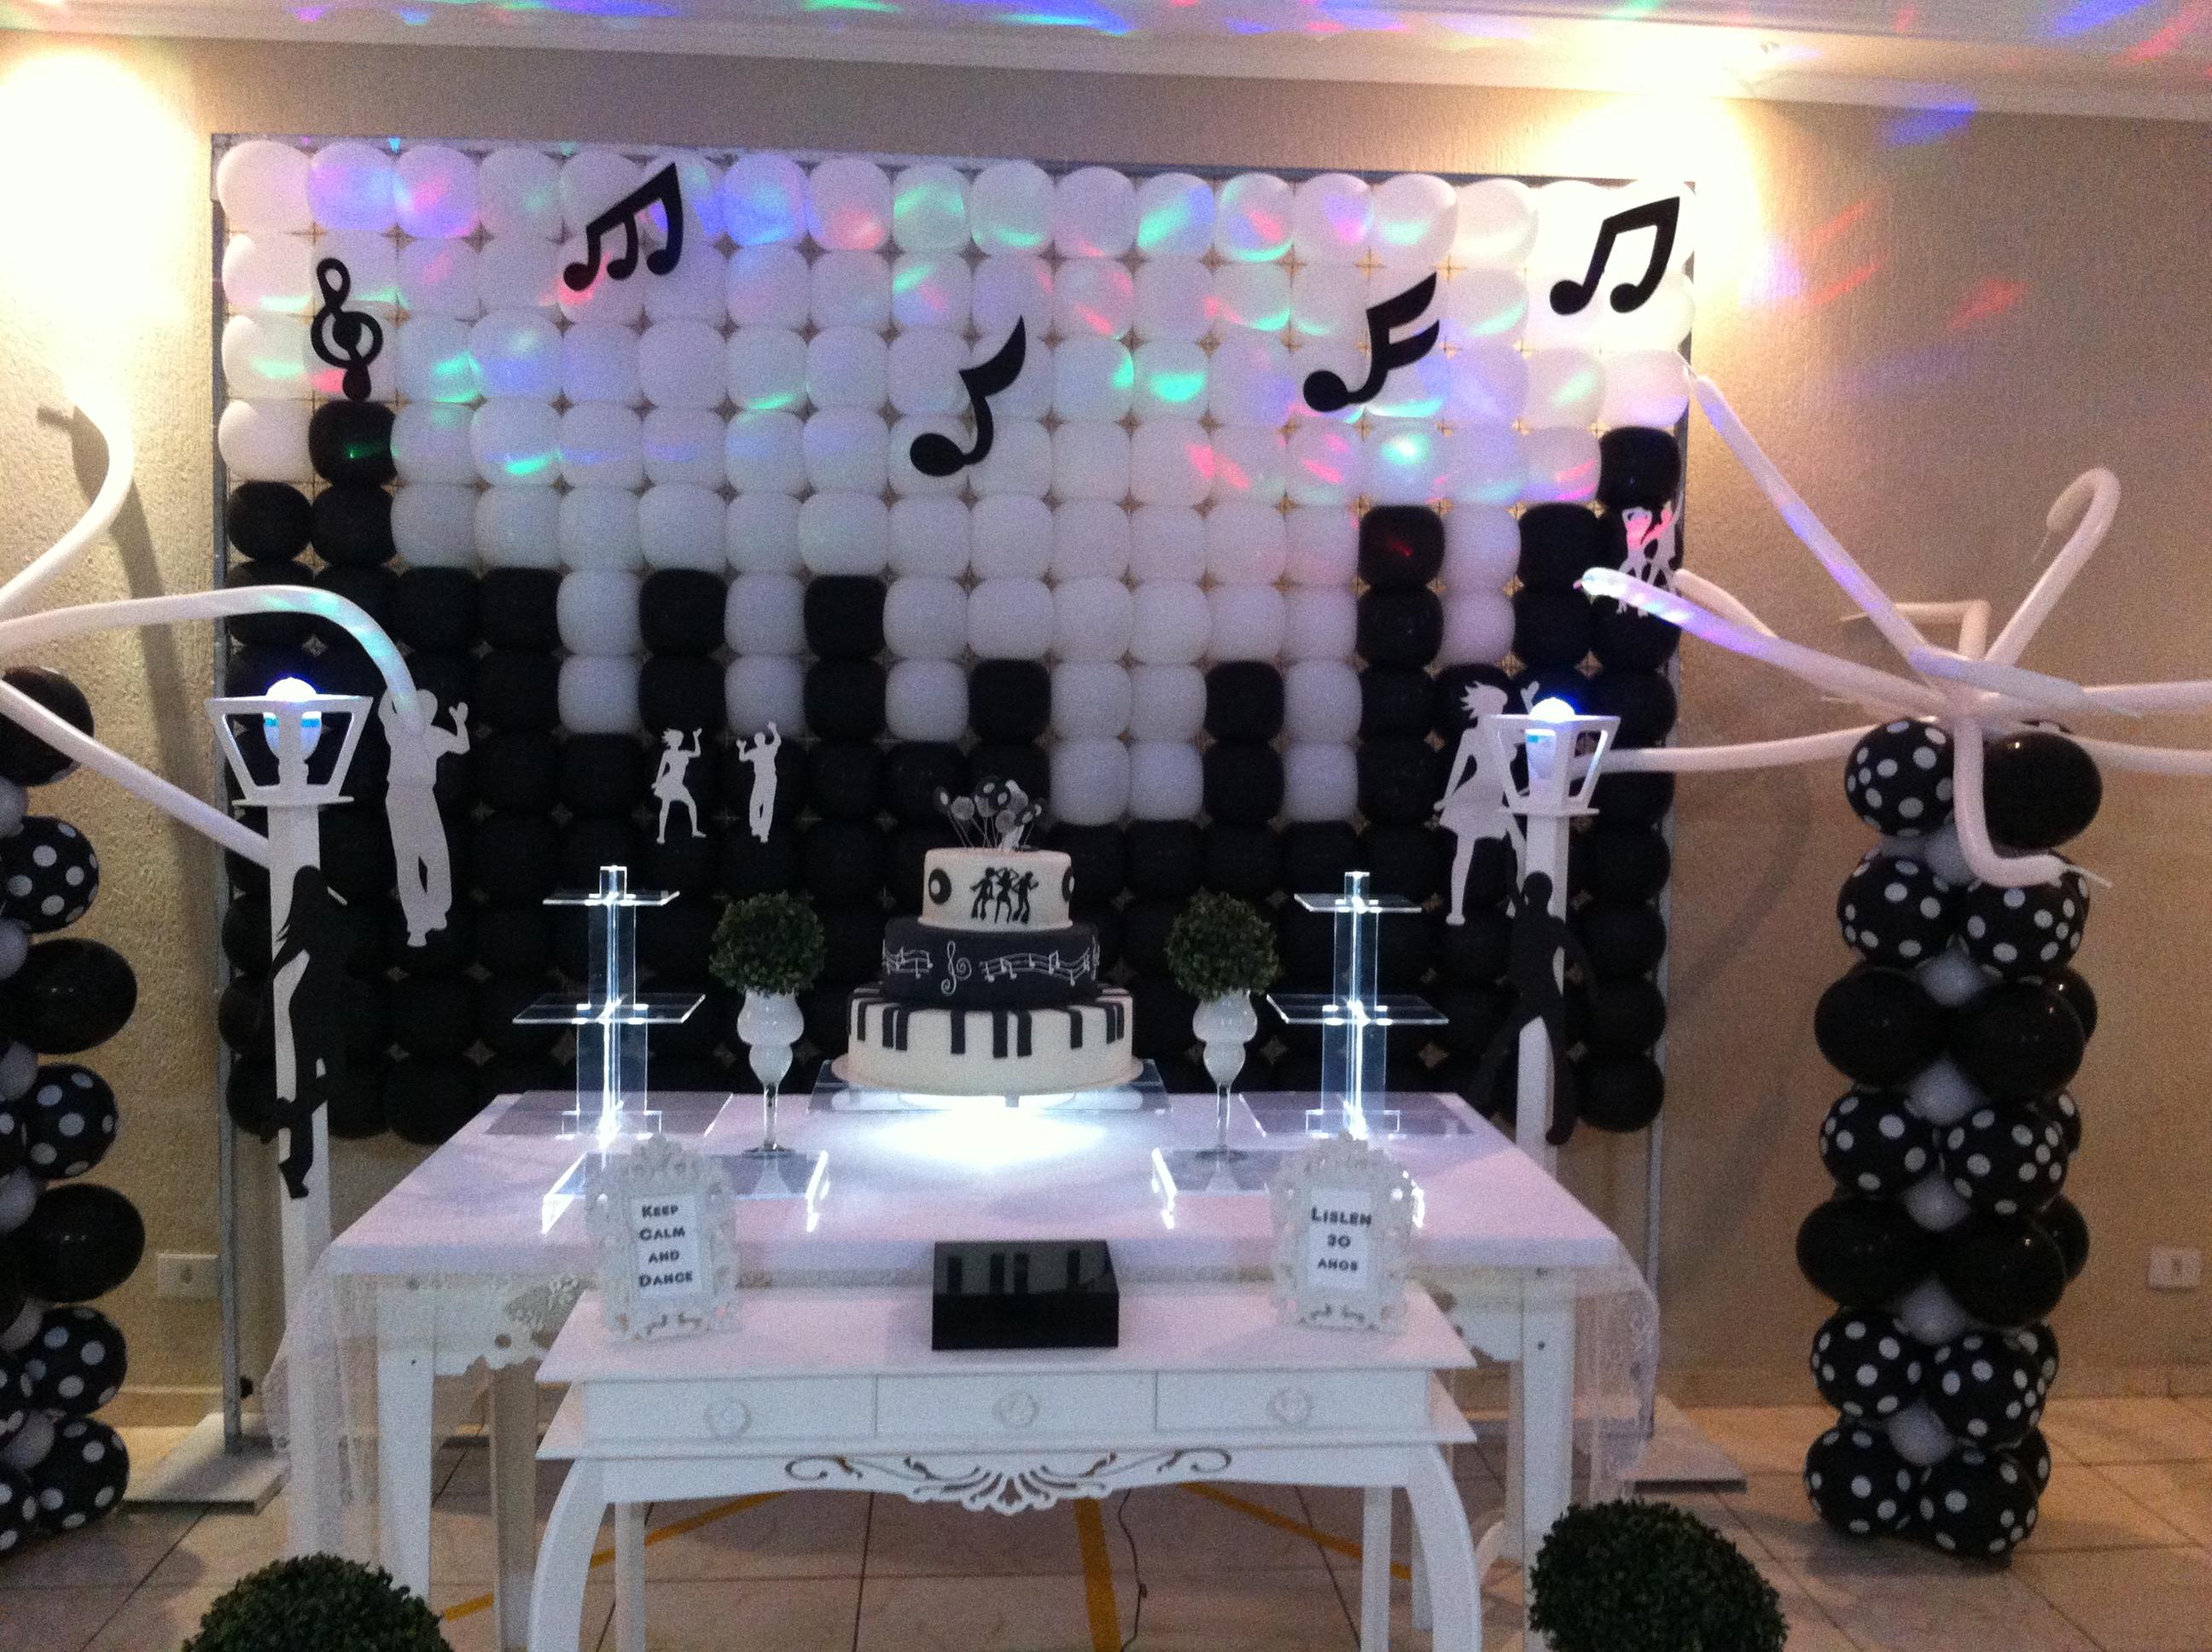 decoracao festa balada infantil:Balada Decoração Balada Decoração Balada Decoração Balada